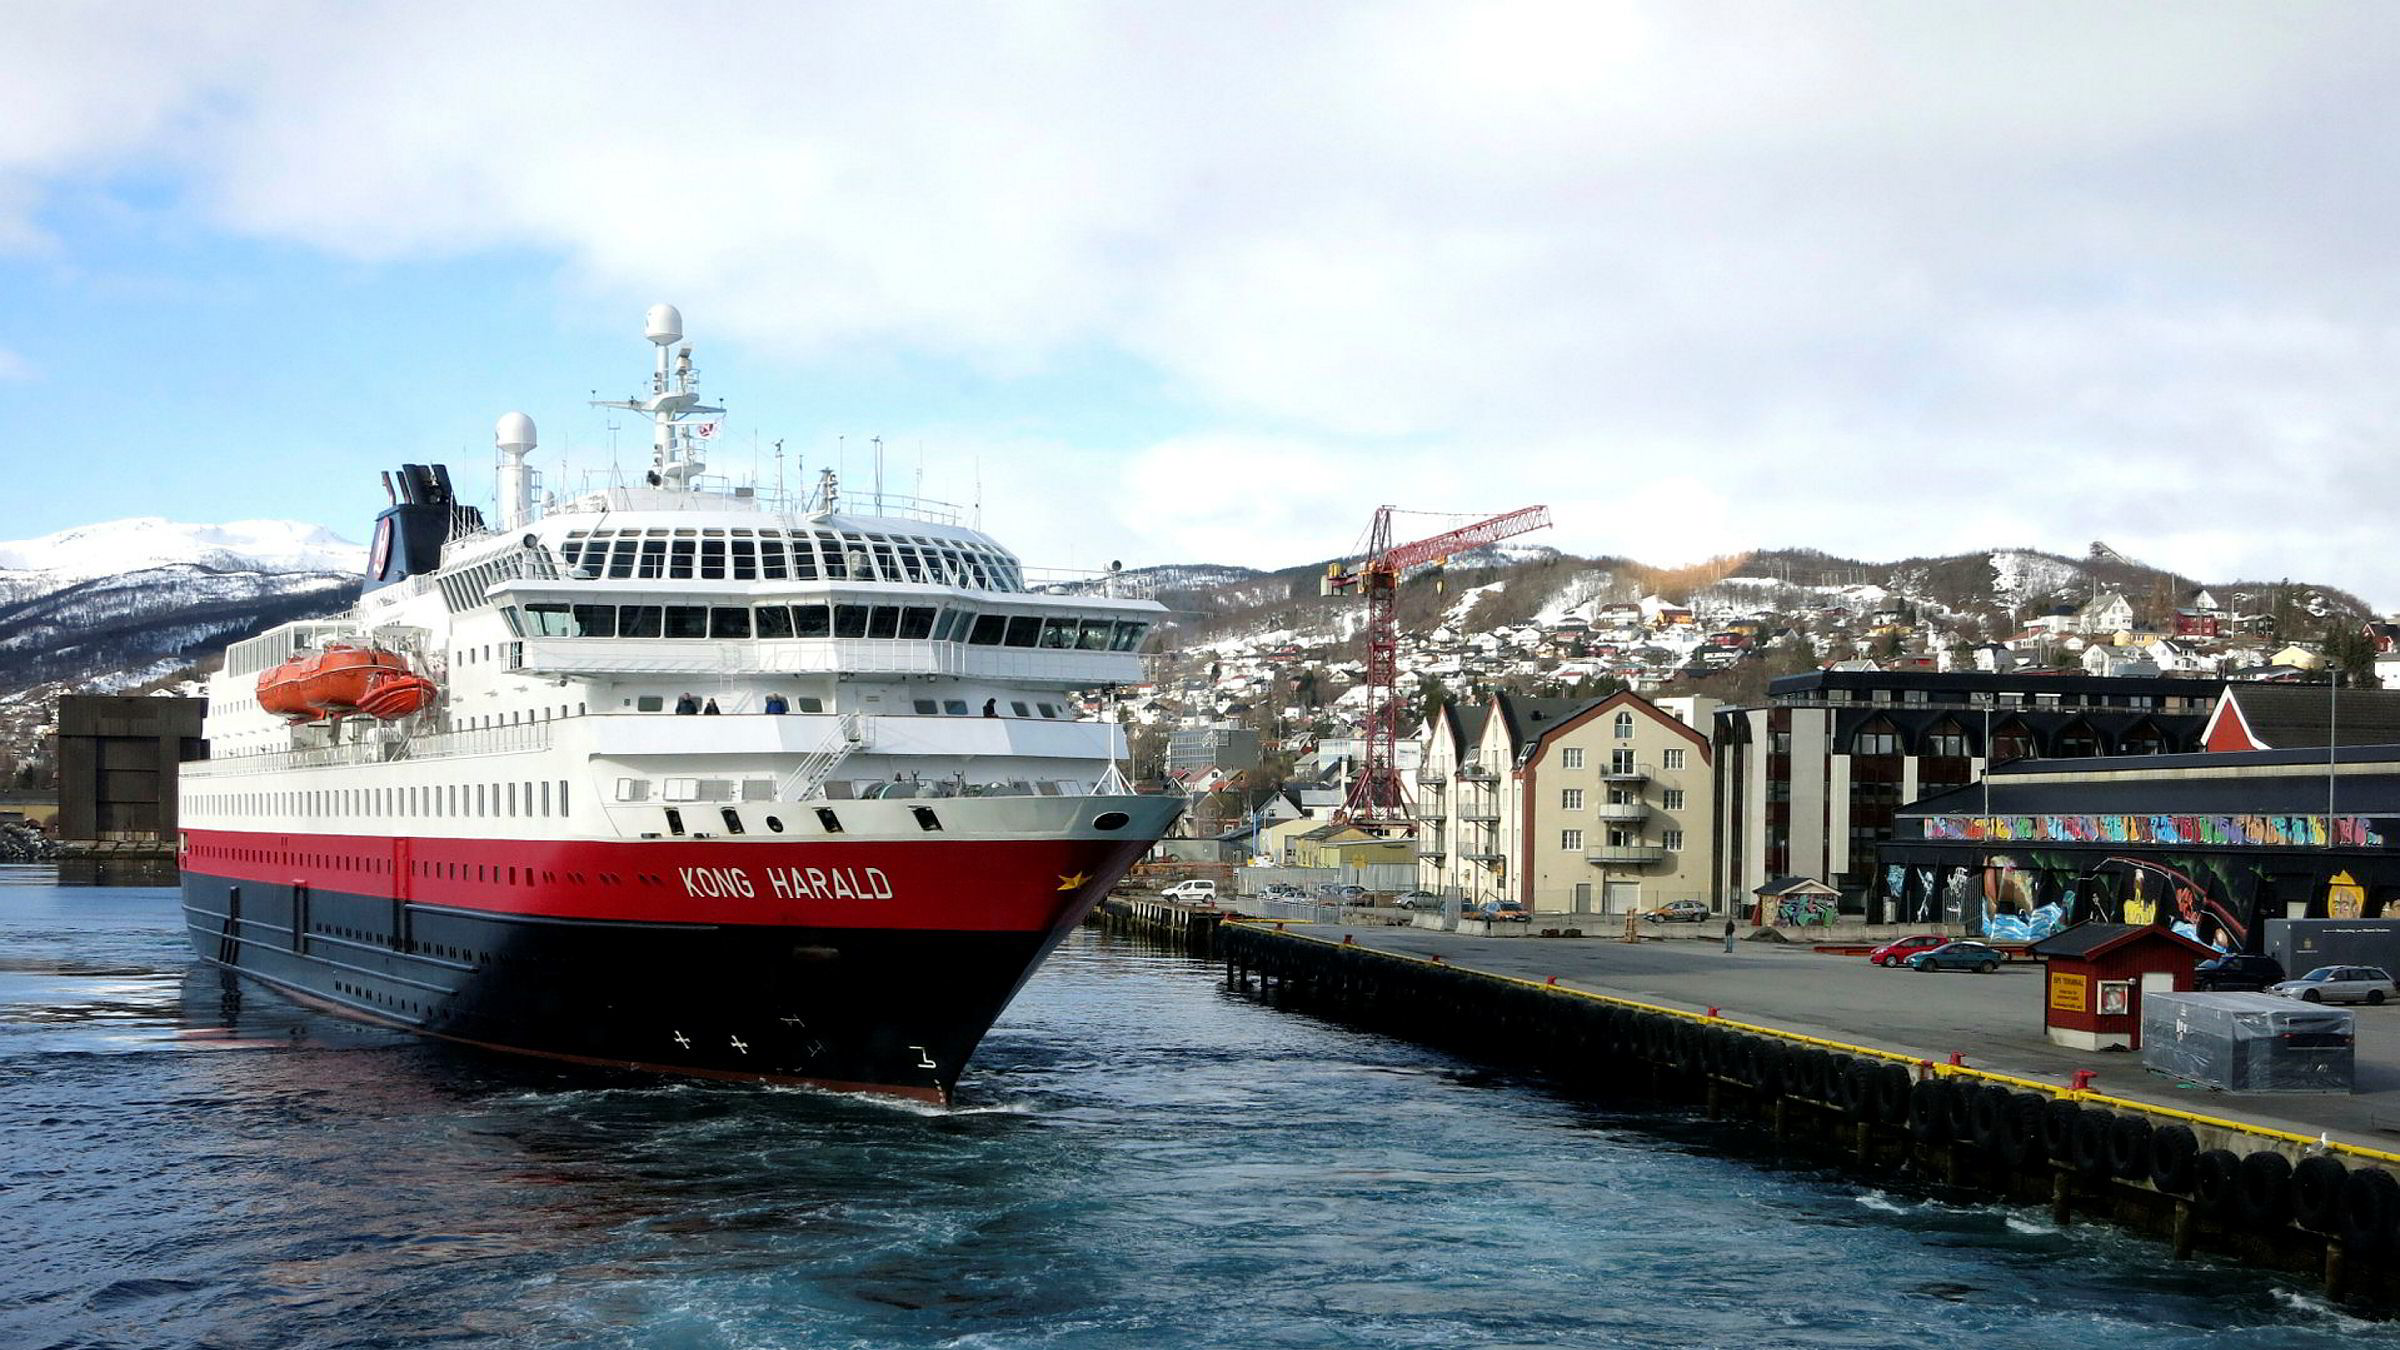 Hurtigruteskipet Kong Harald legger til kai i Harstad. I fremtiden kan rutene deles på flere. Foto: Gunnar Lier ---